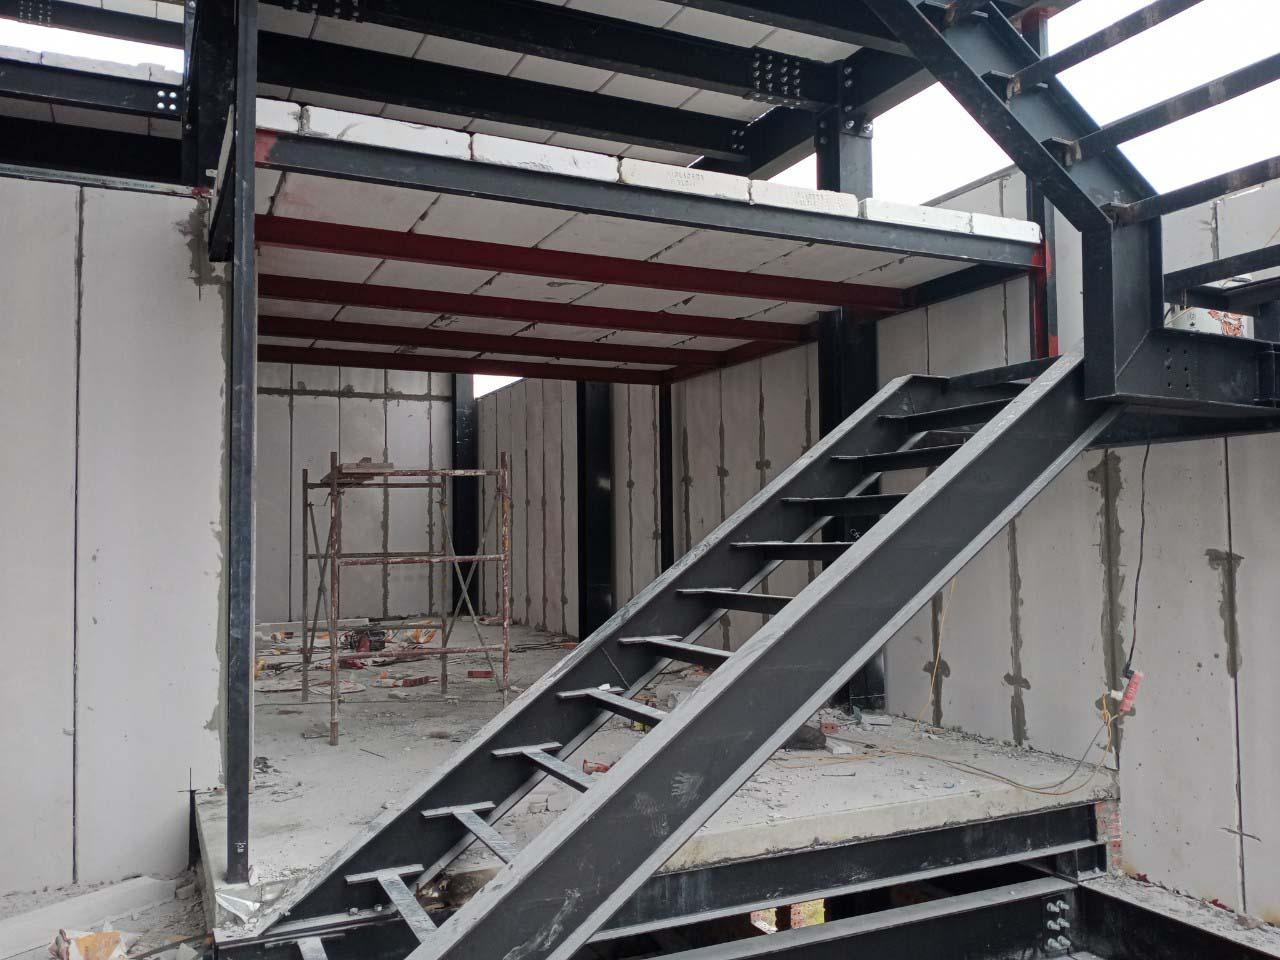 Ứng dụng tấm panel bê tông khí chưng áp đồng bộ trần, tường, sàn, mái